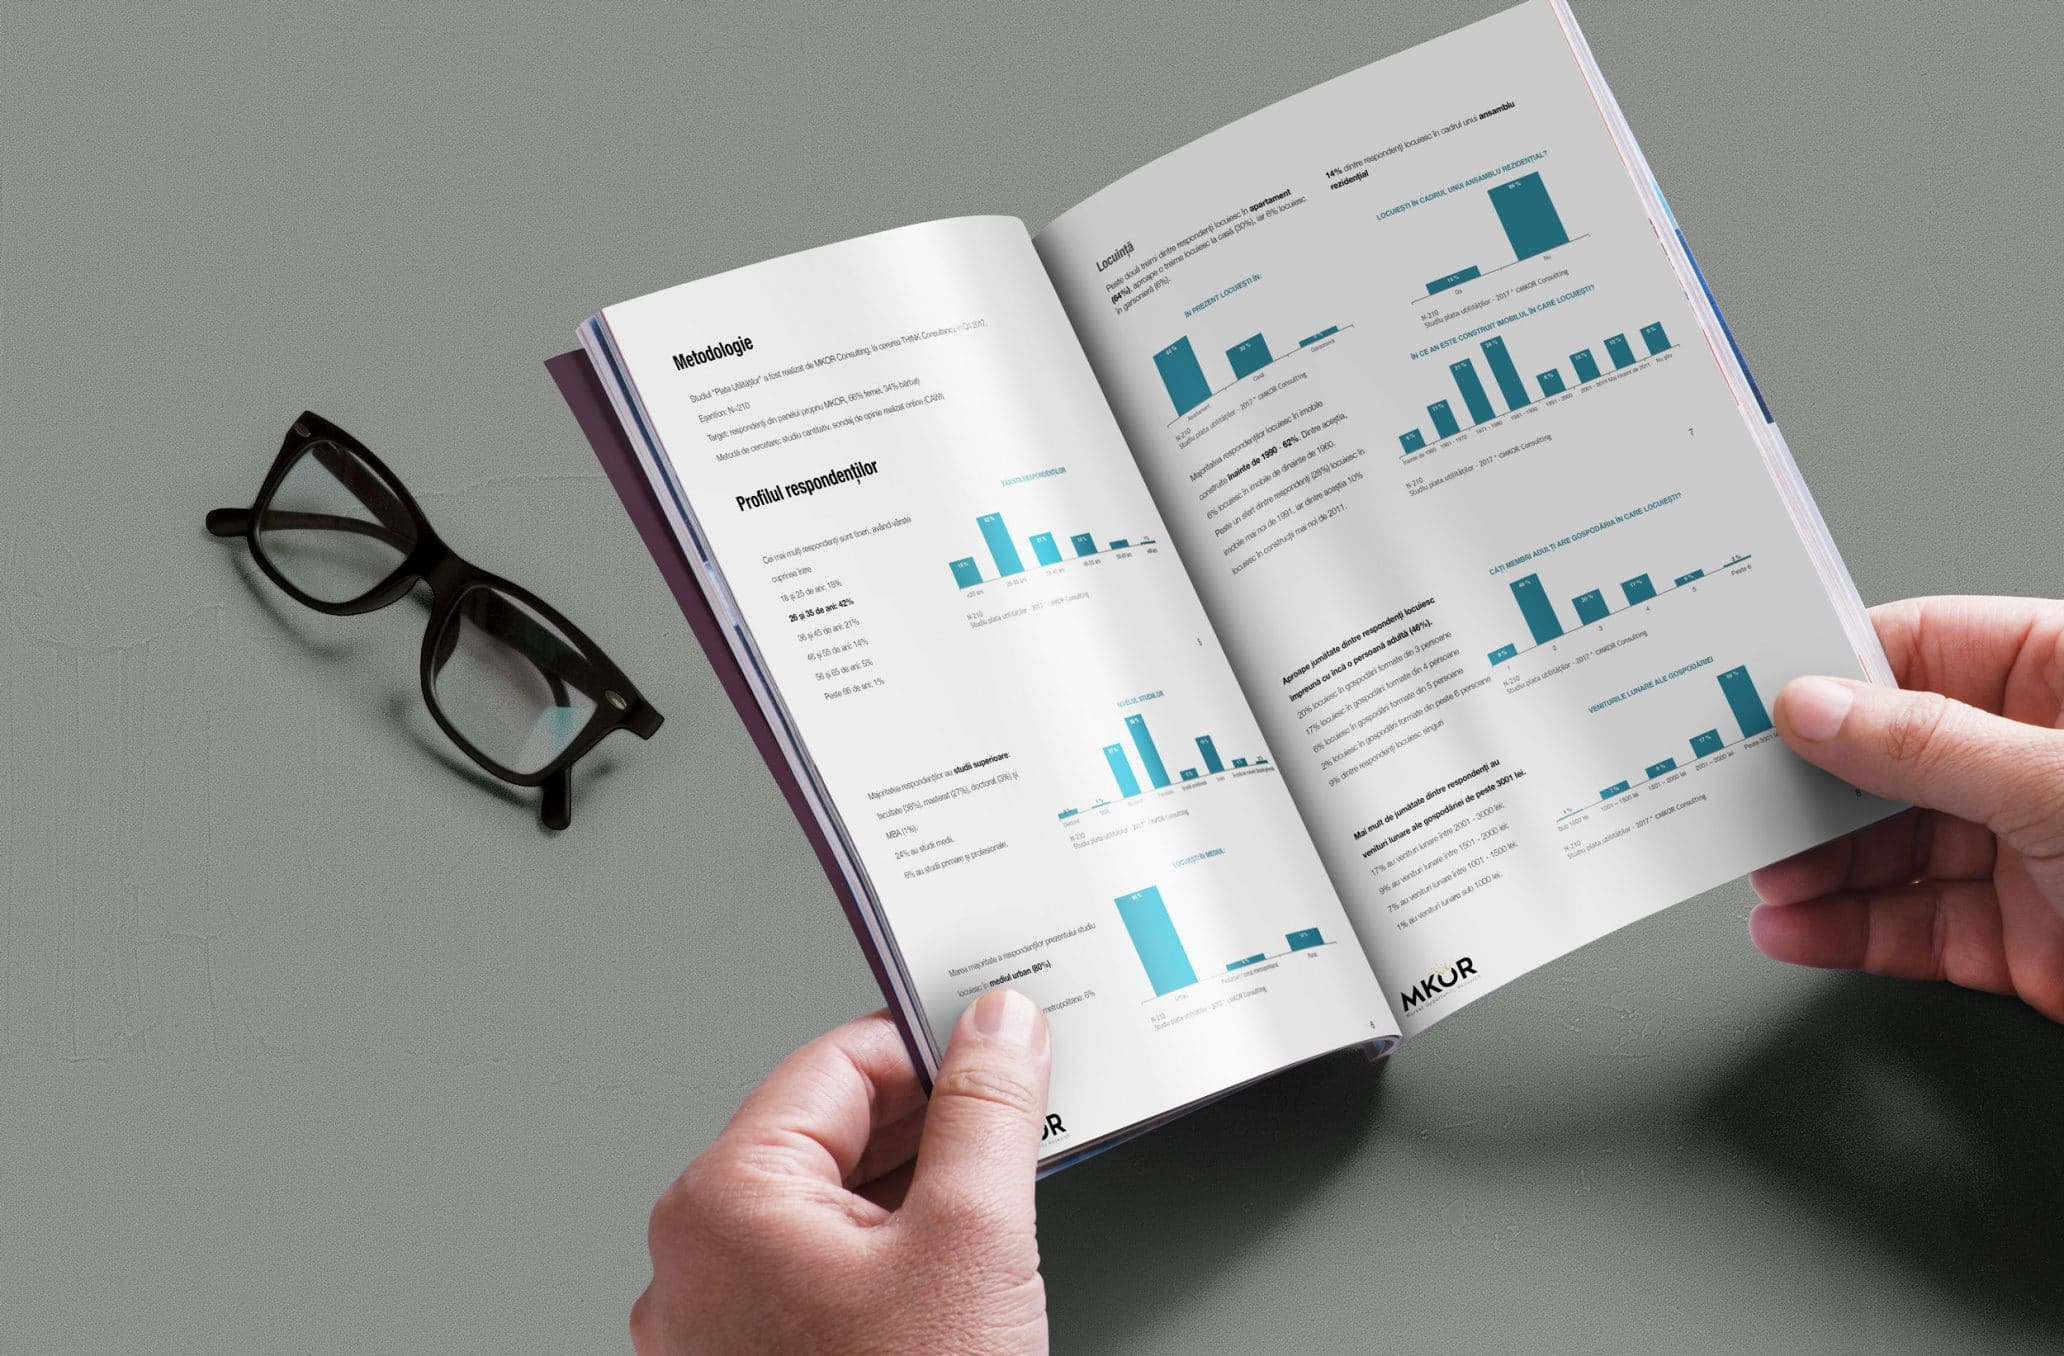 metodologie-studiu-plati